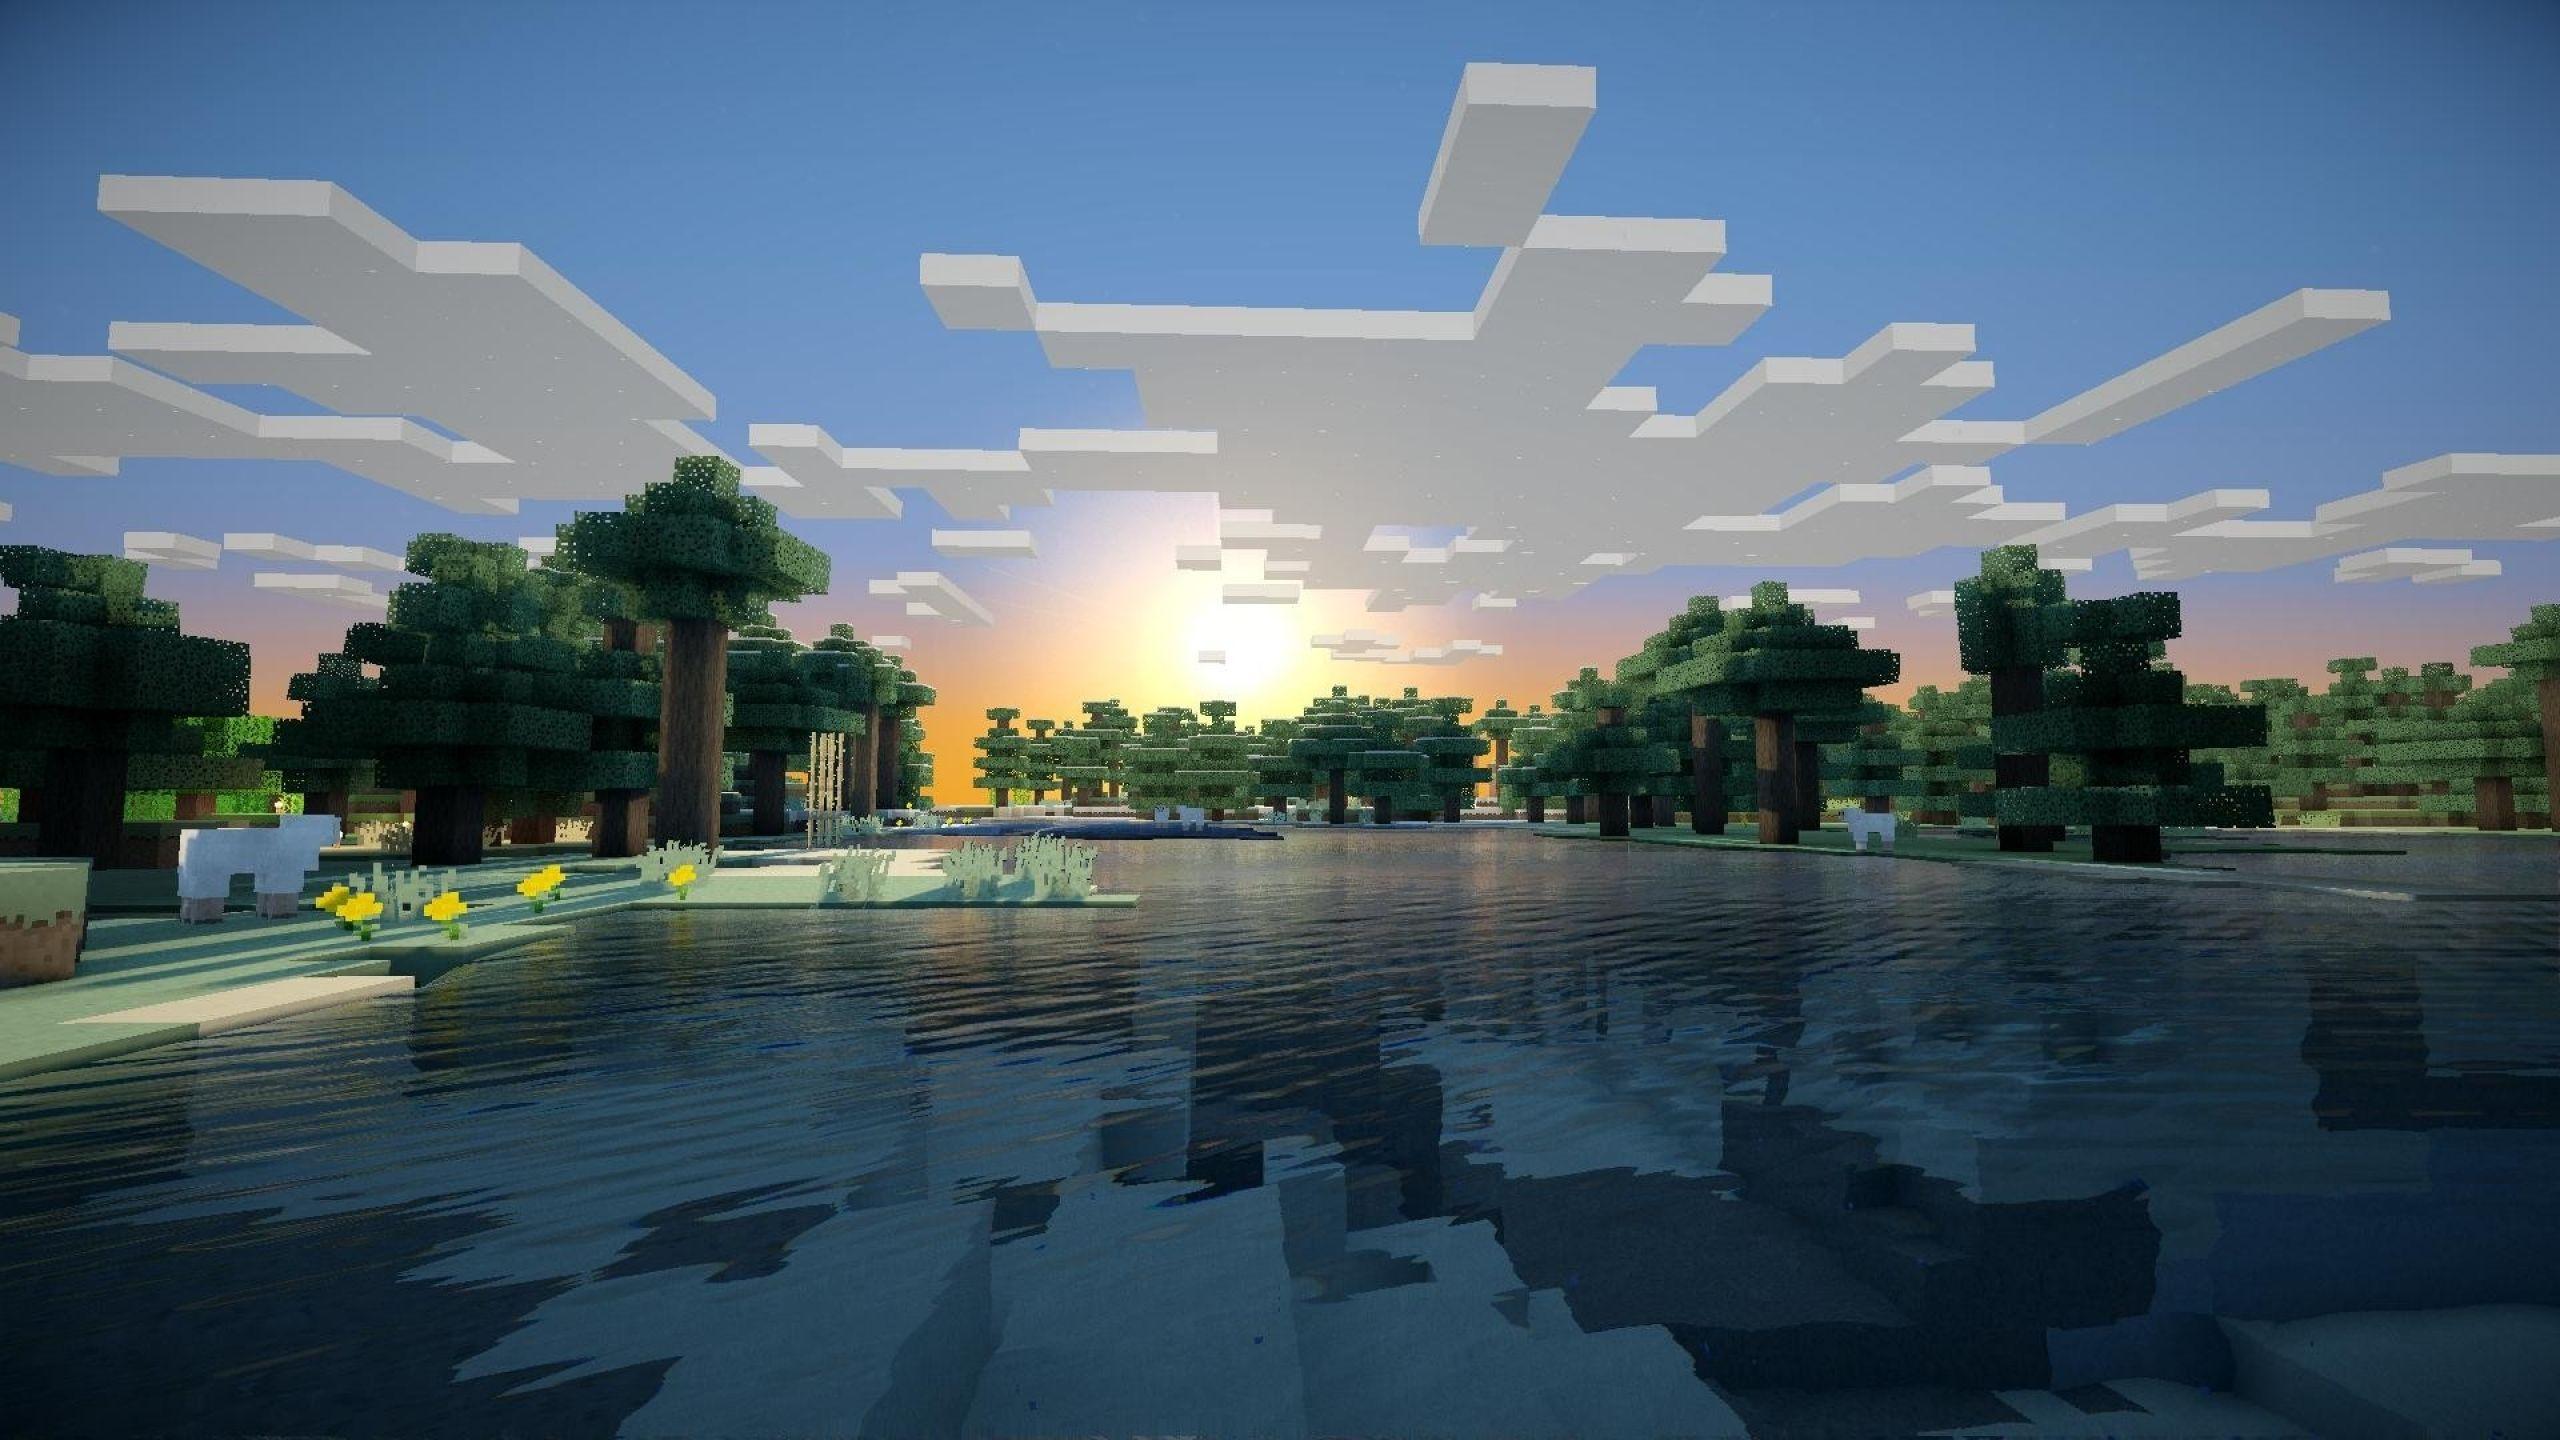 Hình nền Minecraft mặt nước trong và bầu trời